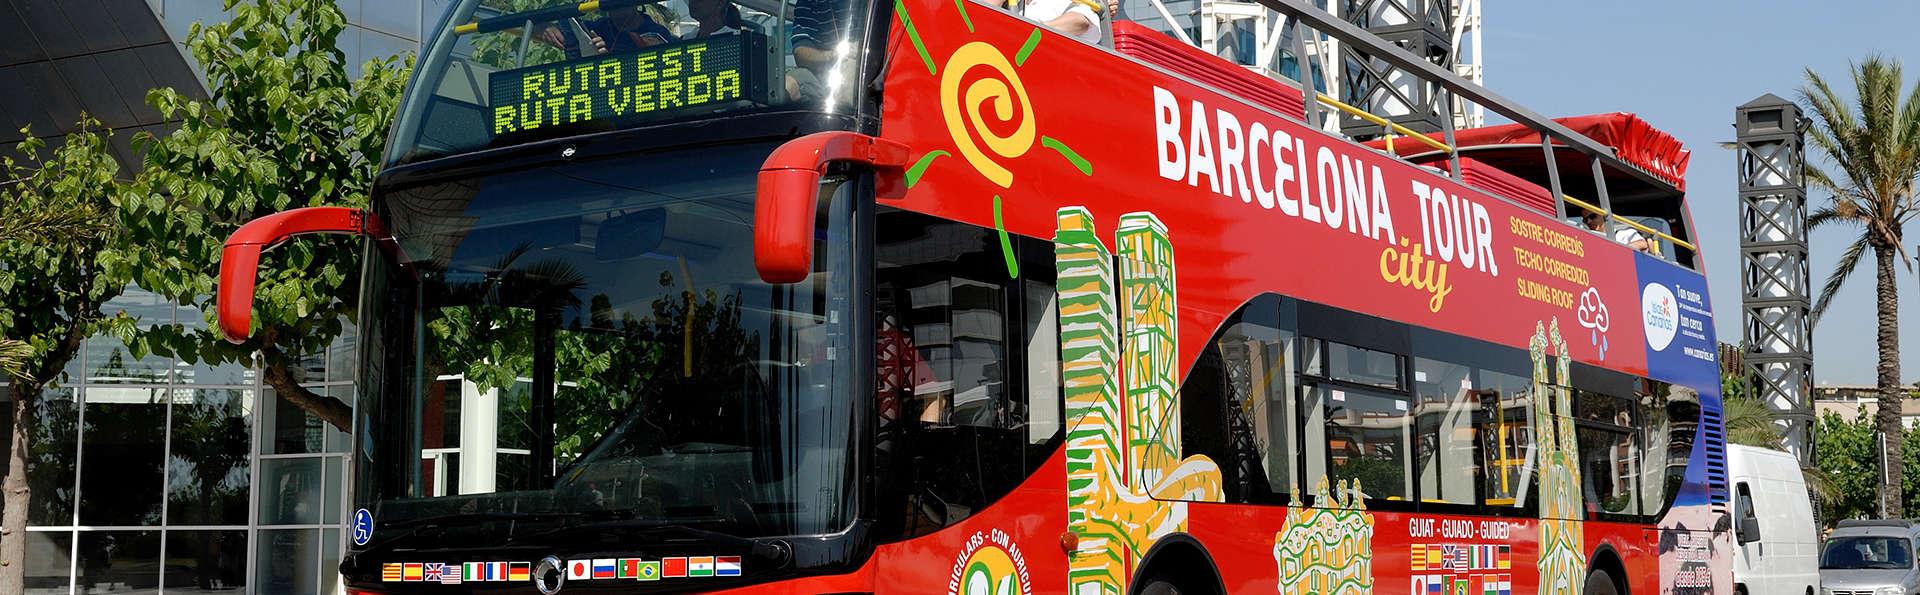 Découvrez Barcelone et visitez La Pedrera